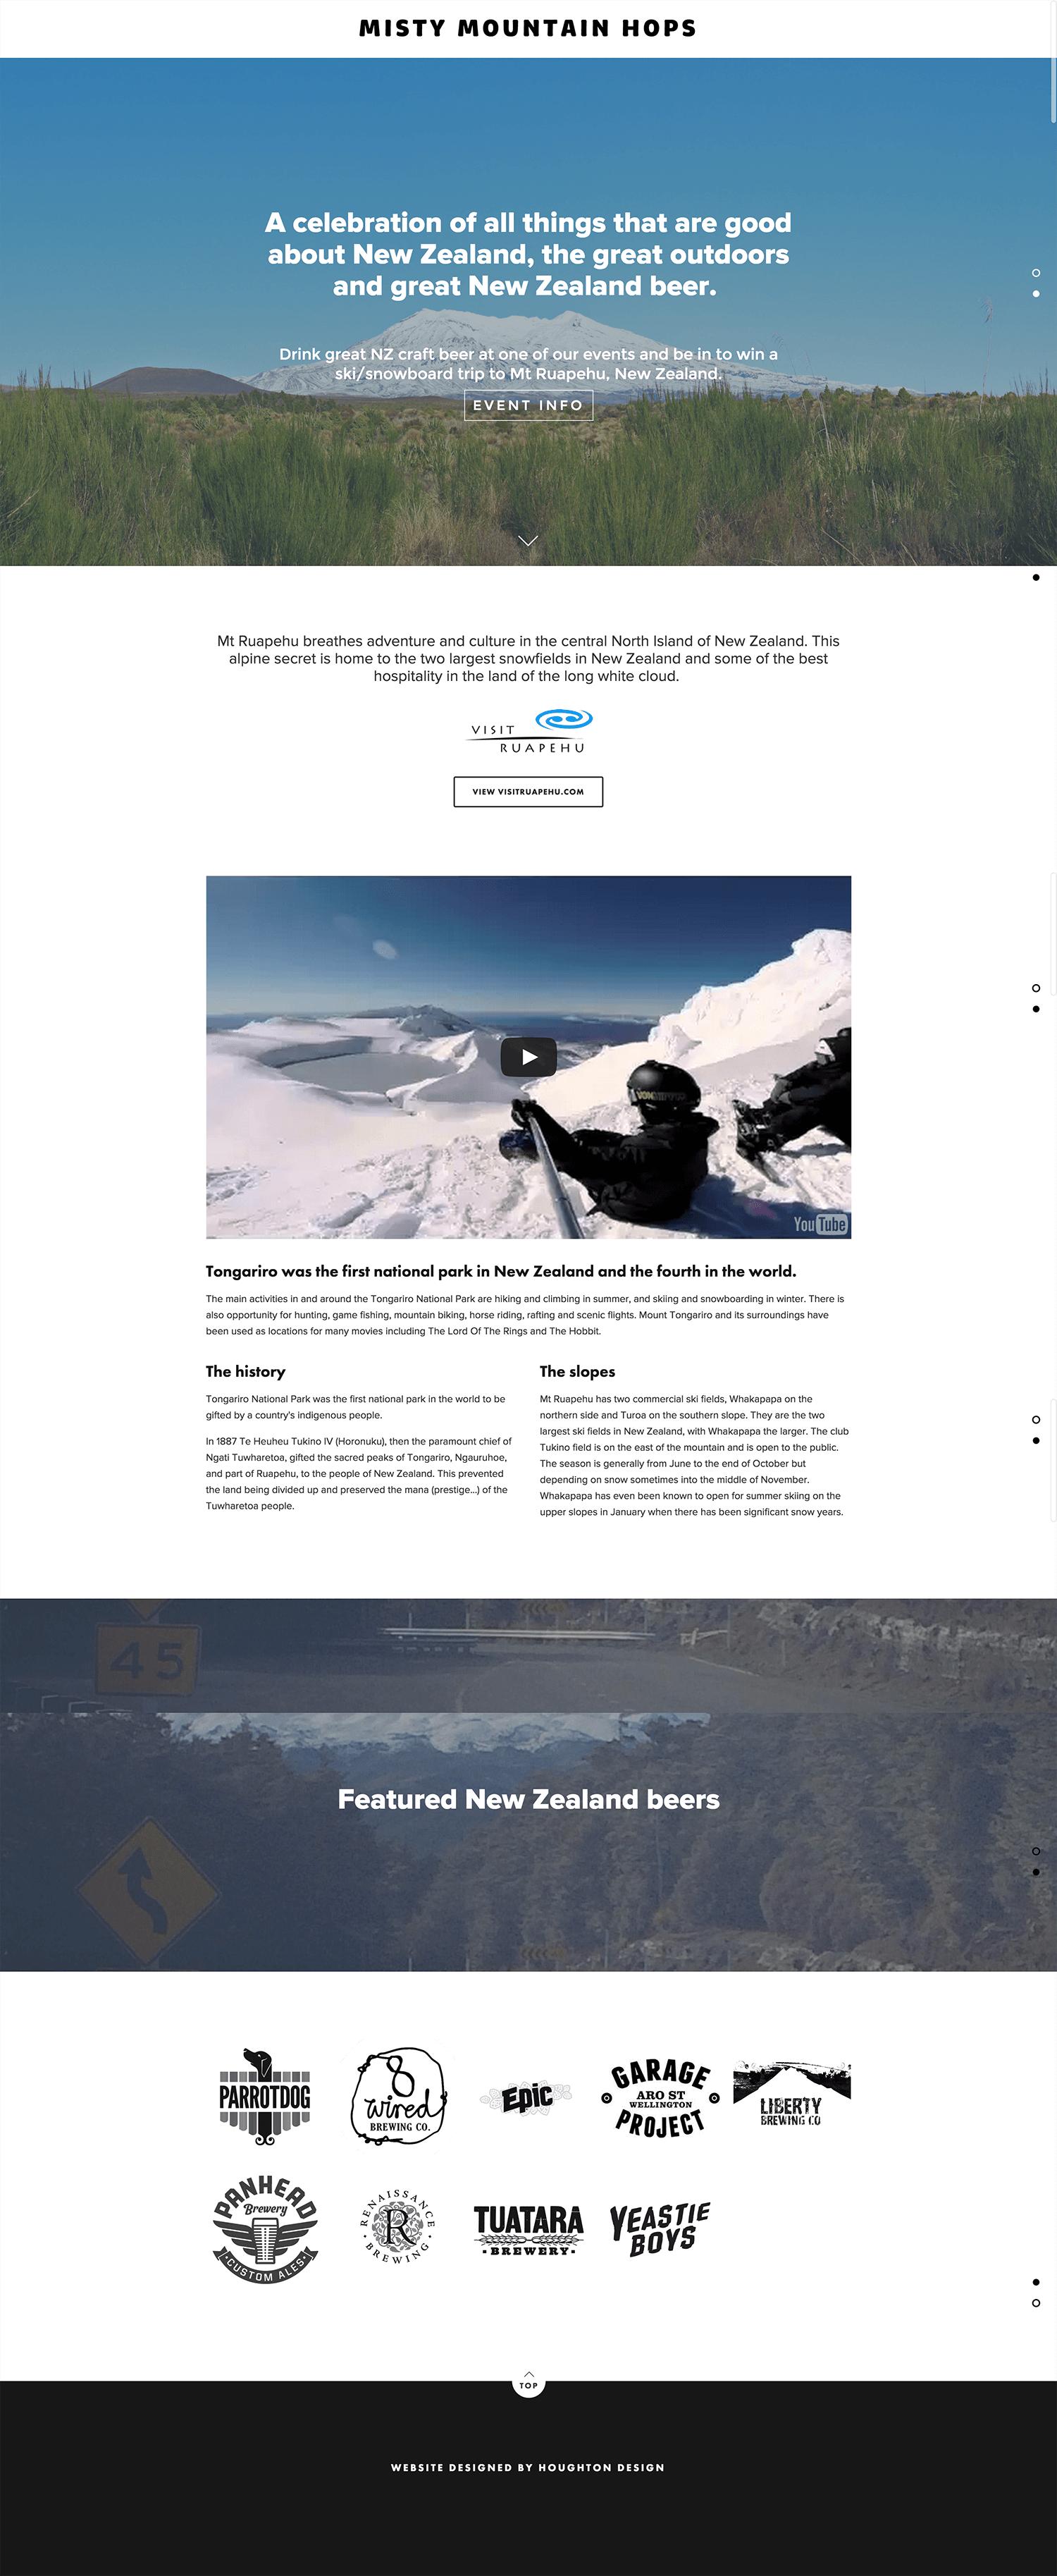 Squarespace website for Misty Mountain Hops - www.mistymountainhops.co.nz